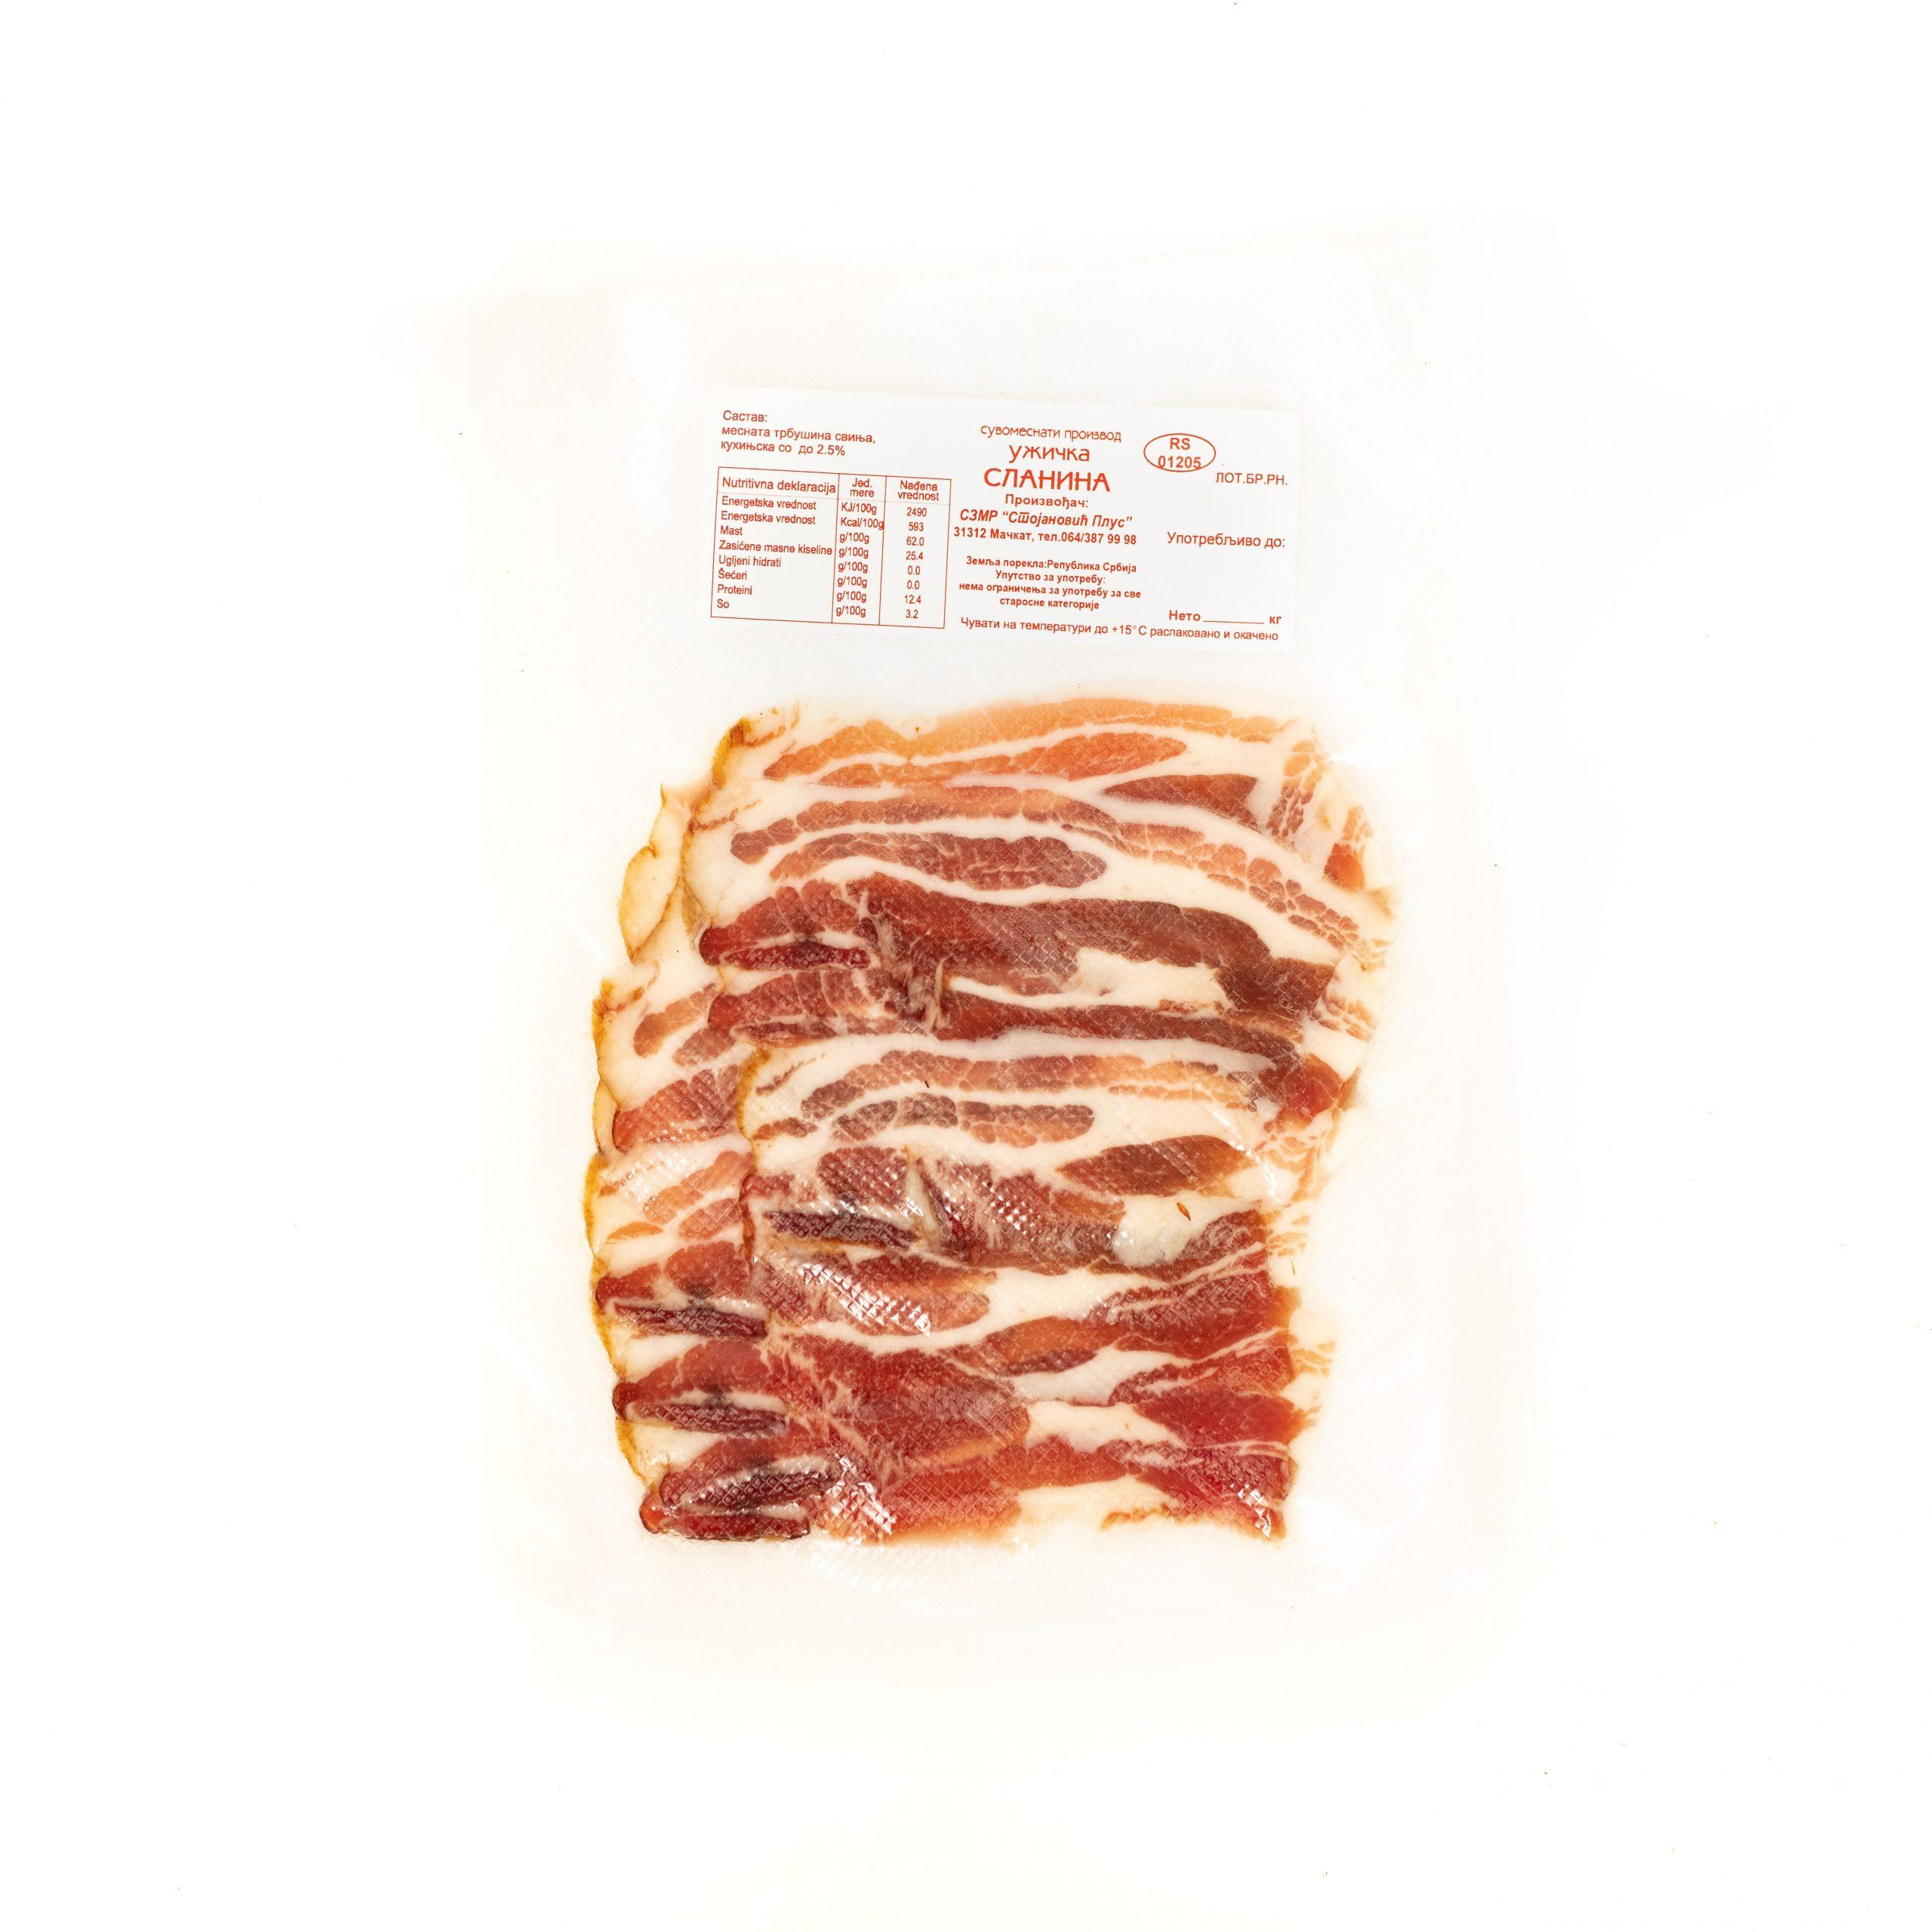 Užička slanina sa Zlatibora Stojanović Plus 100g